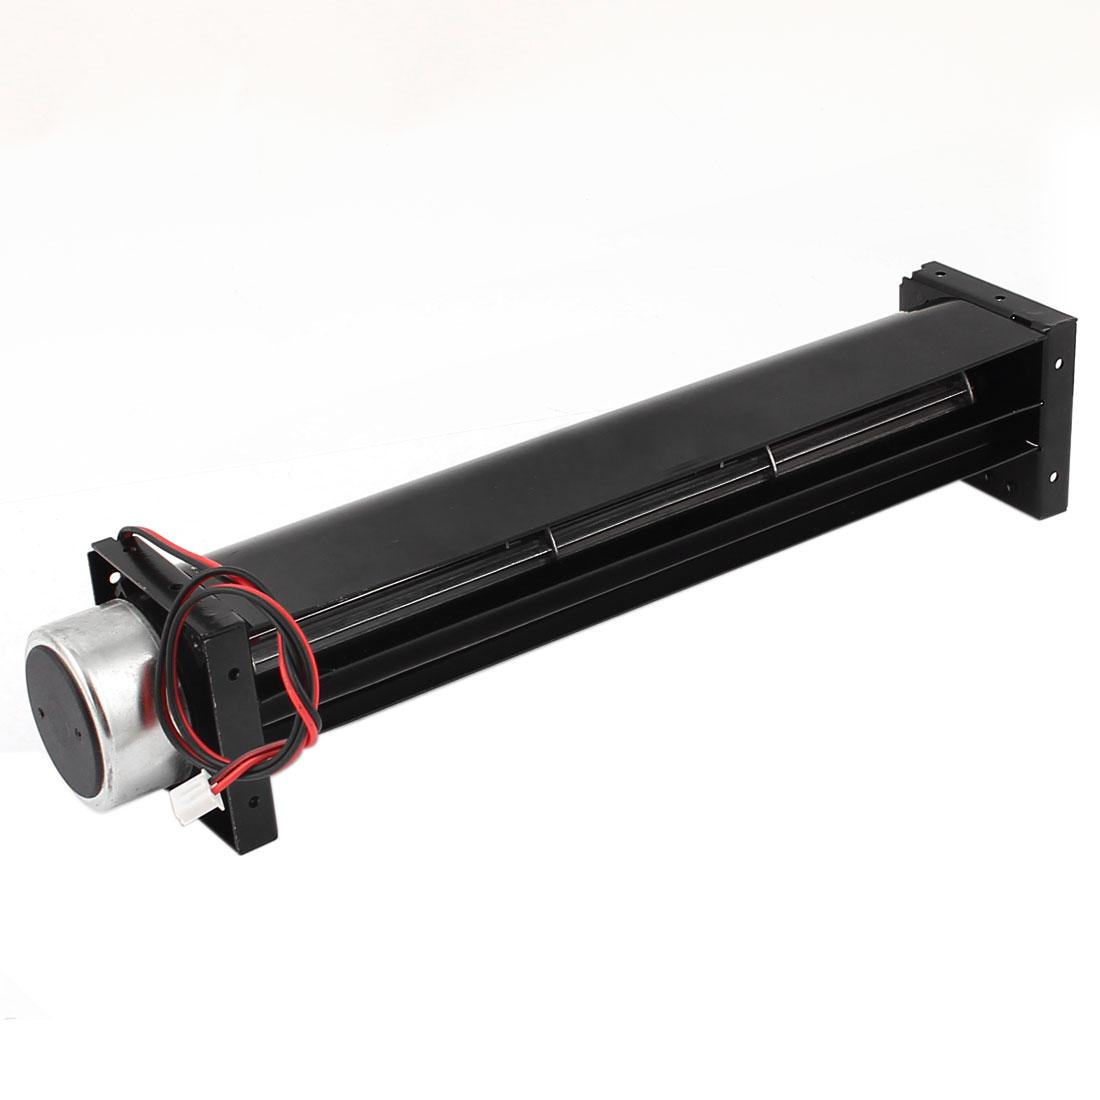 DC 12V 0.2A Cross Flow Cooling Fan Heat Exchanger Amplifier Cool Turbo